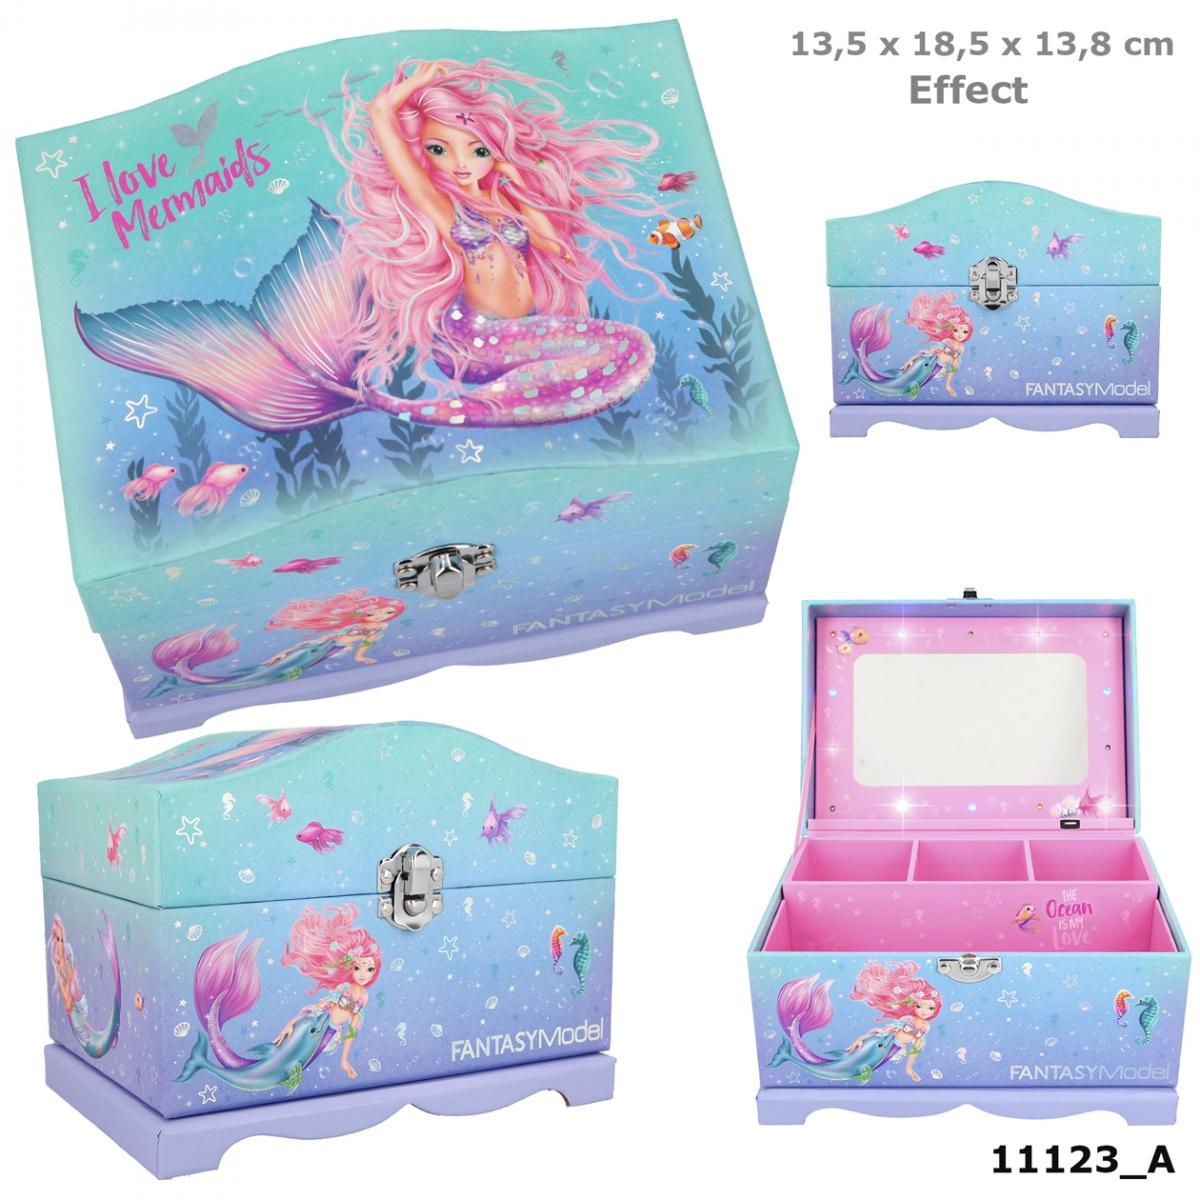 mit Licht 18,5 x 13,5 x 14 cm Depesche 10948 Schmuckschatulle Fantasy Model Mermaid ca